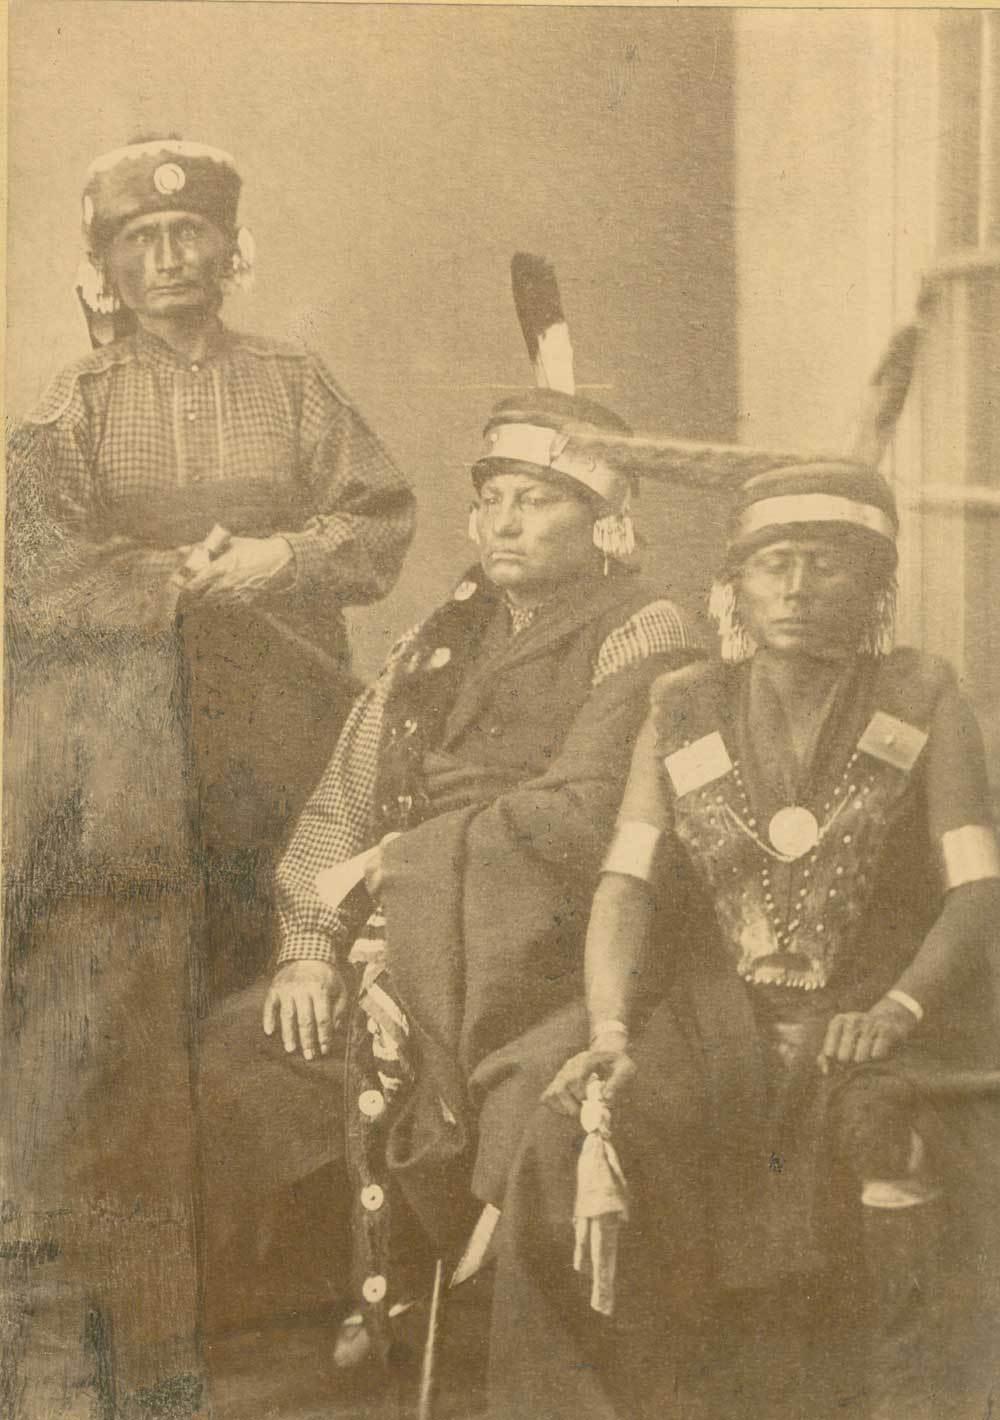 Kaw Chiefs